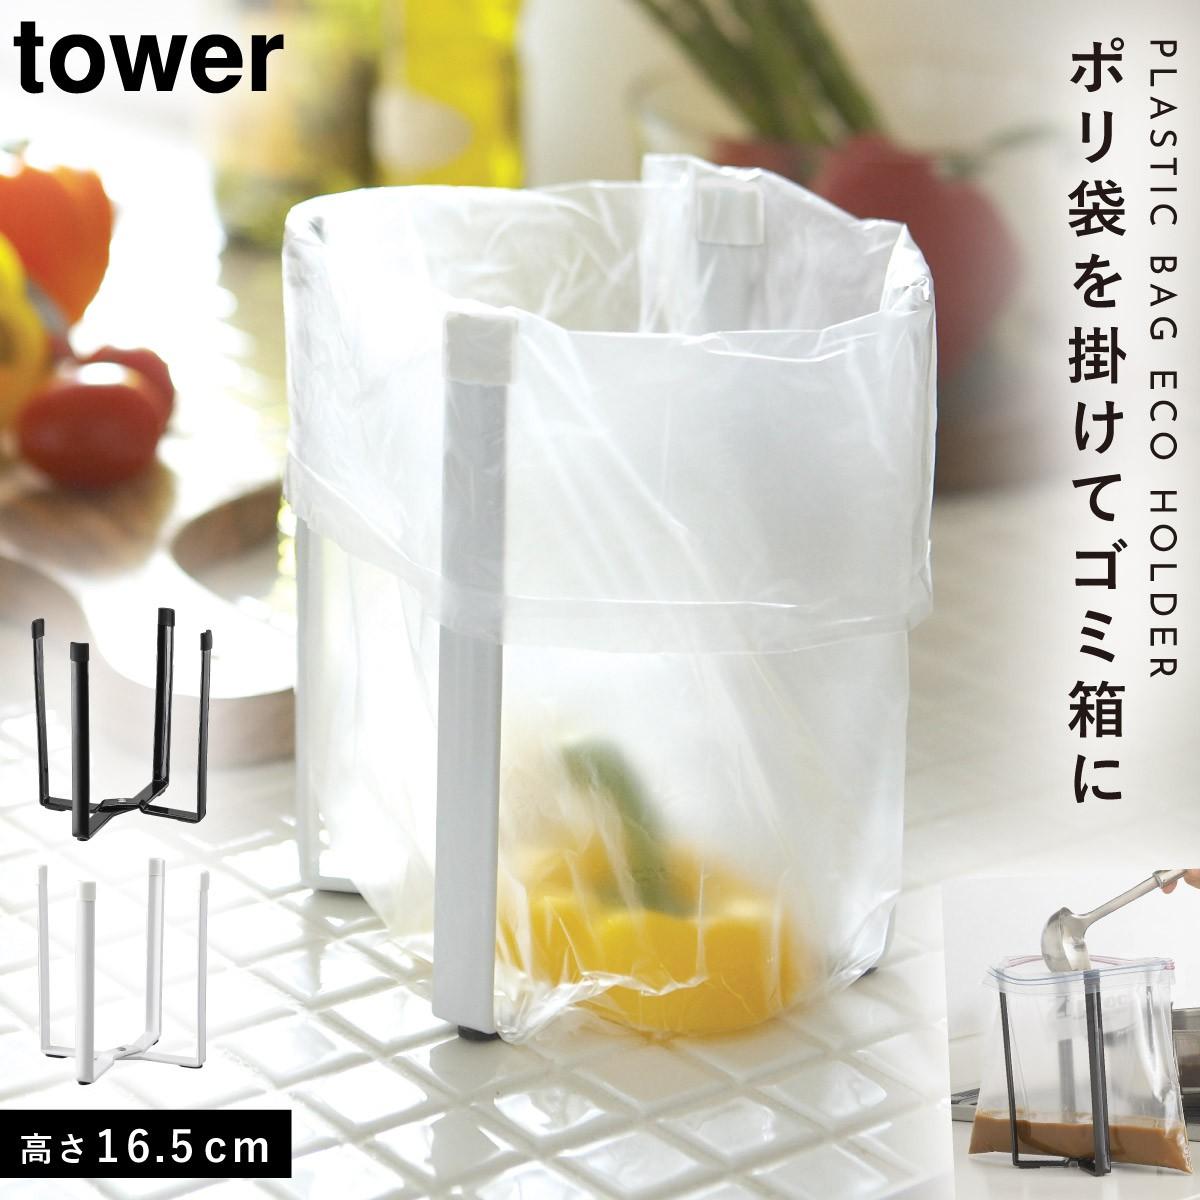 三角コーナー ポリ袋 エコホルダー ゴミ袋 生ゴミ ペットボトル 乾燥 タワー キッチン 白い 黒 tower あす楽対応   ギフト プレゼント